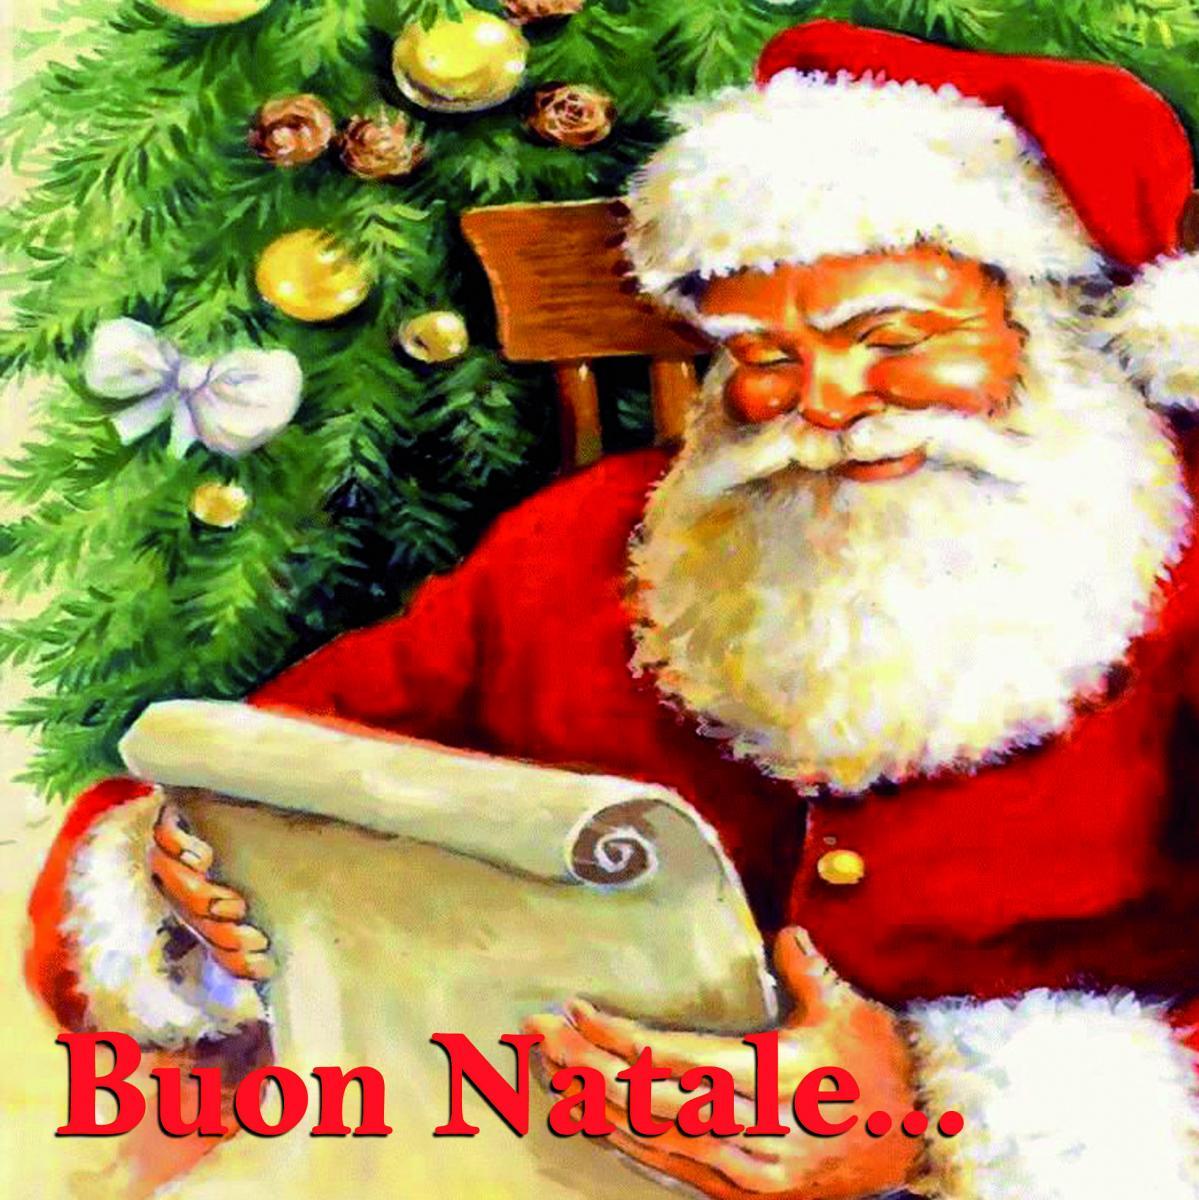 Adesivi Buon Natale.Buon Natale Da Marisa E Pino Masciari Blog Degli Amici Di